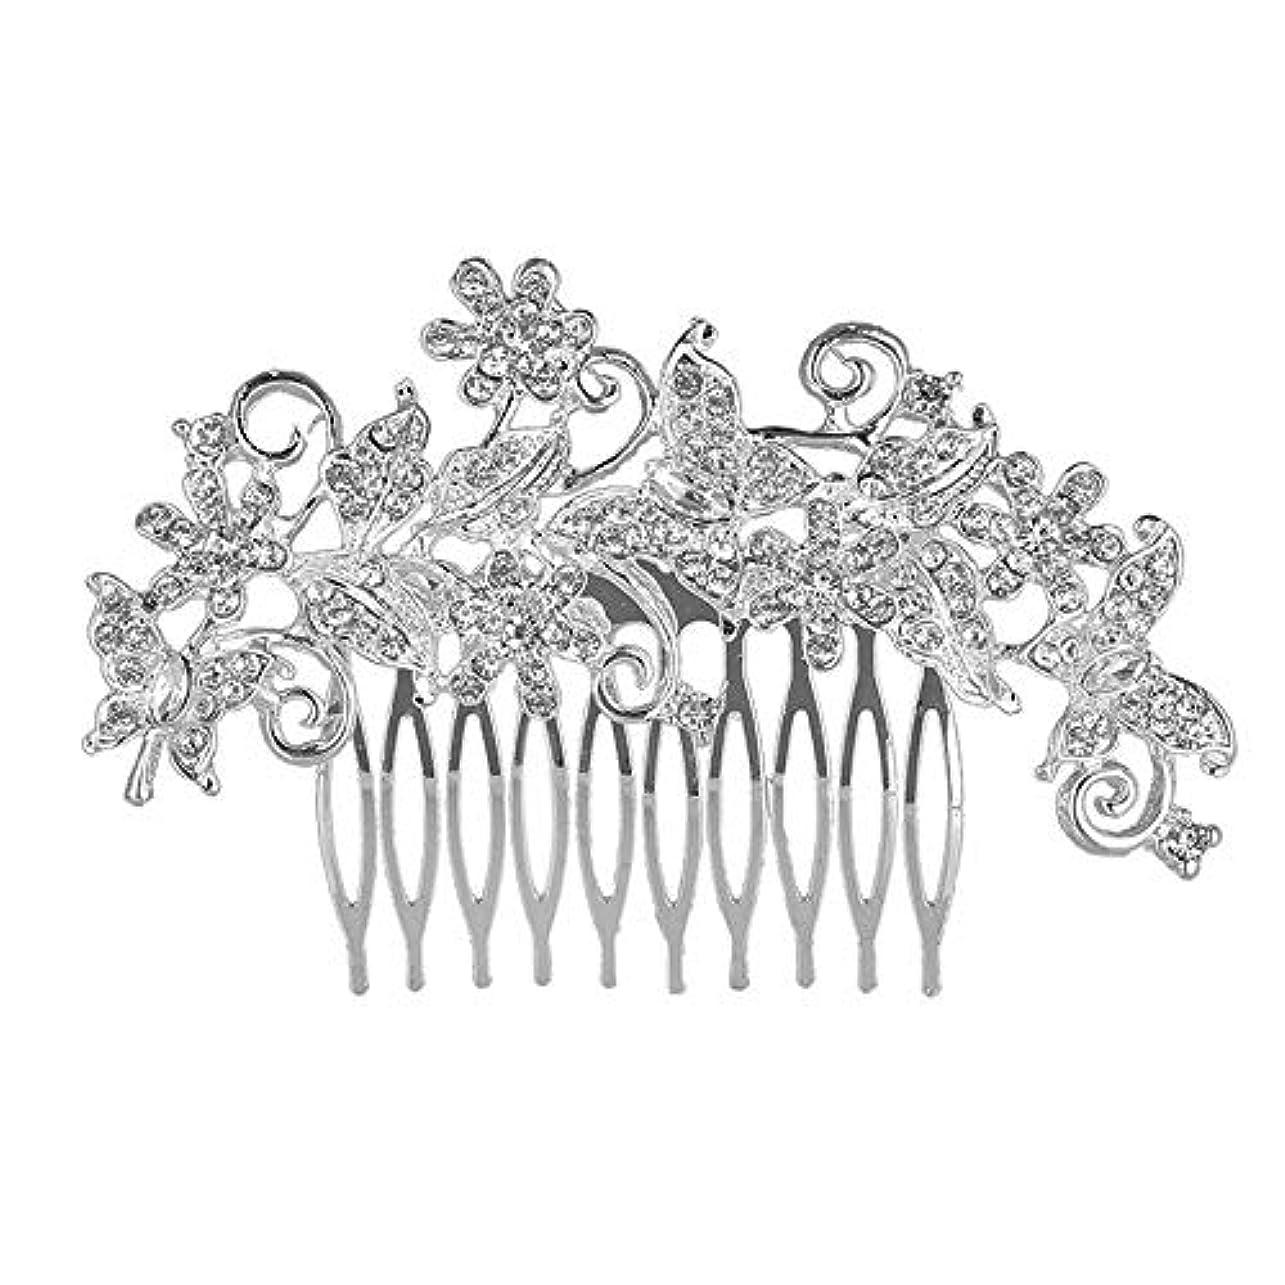 規範欲求不満東韓国のヘアアクセサリー_韓国の花嫁のヘアアクセサリー日の花のヘッドドレスファッションヘアコーム花嫁合金結婚式結婚式卸売